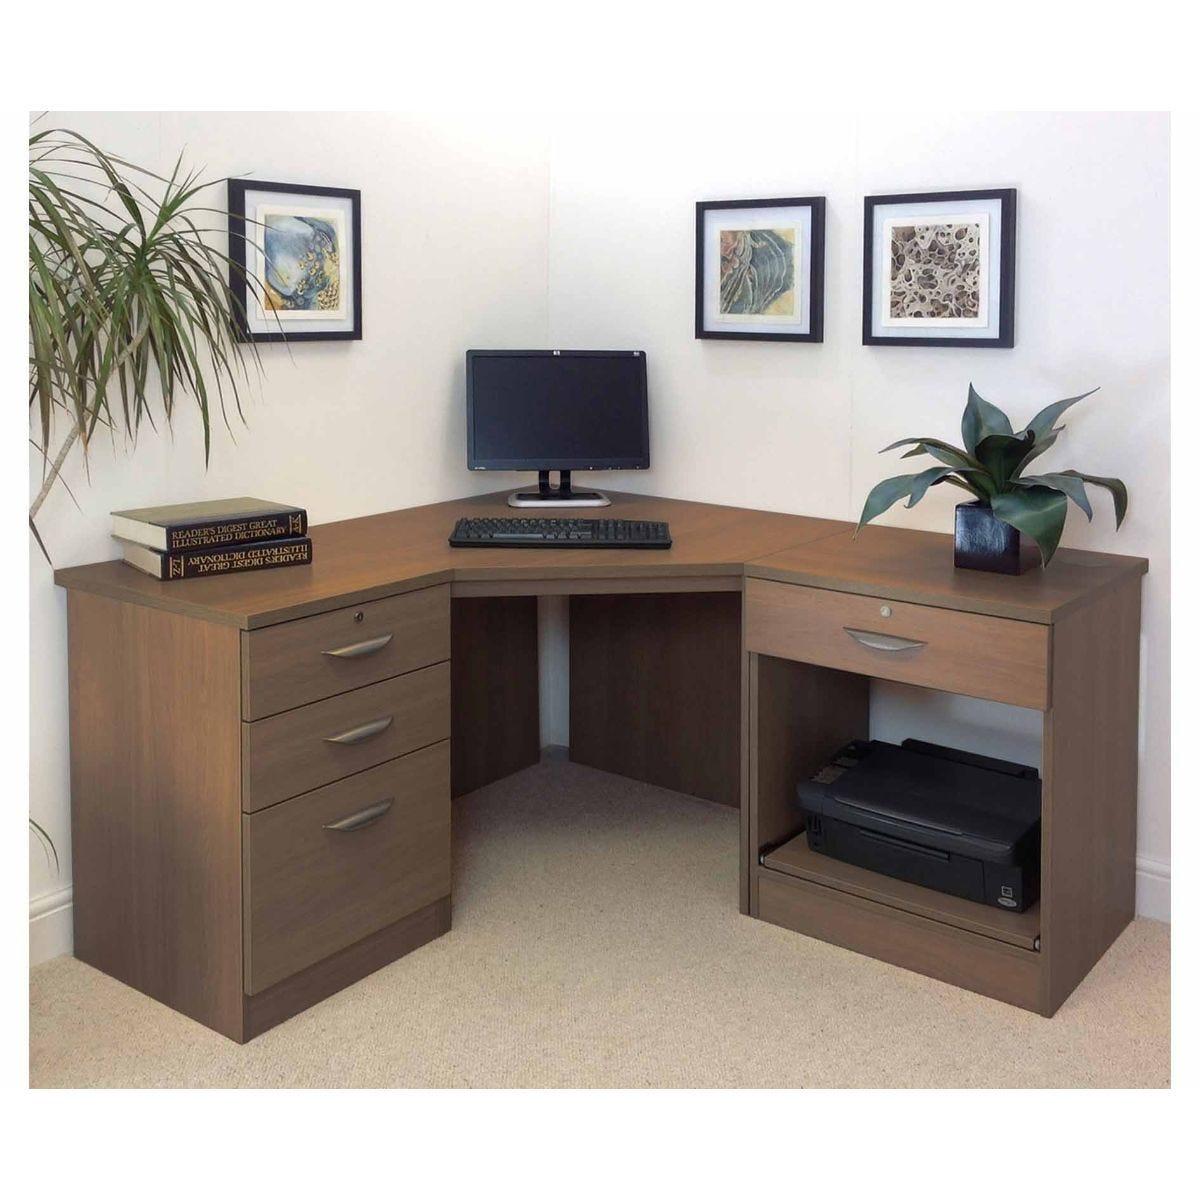 R White Home Office Corner Desk, Teak Wood Grain